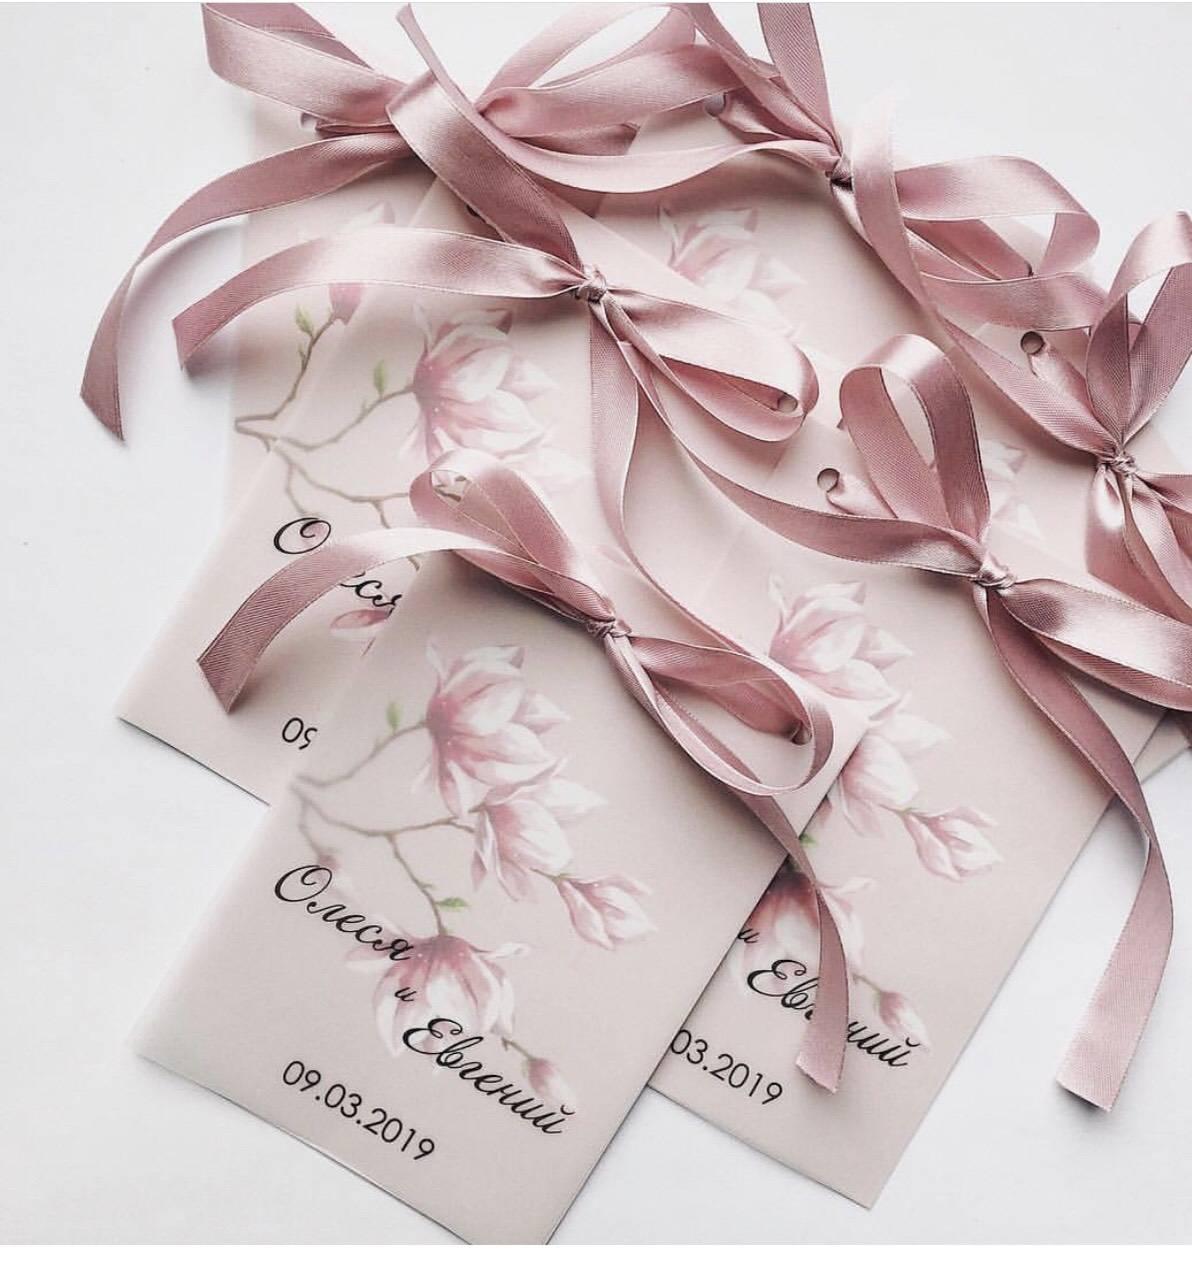 Как подписать пригласительные на свадьбу? как заполнять и что написать в приглашении на свадьбу для родителей и родственников?